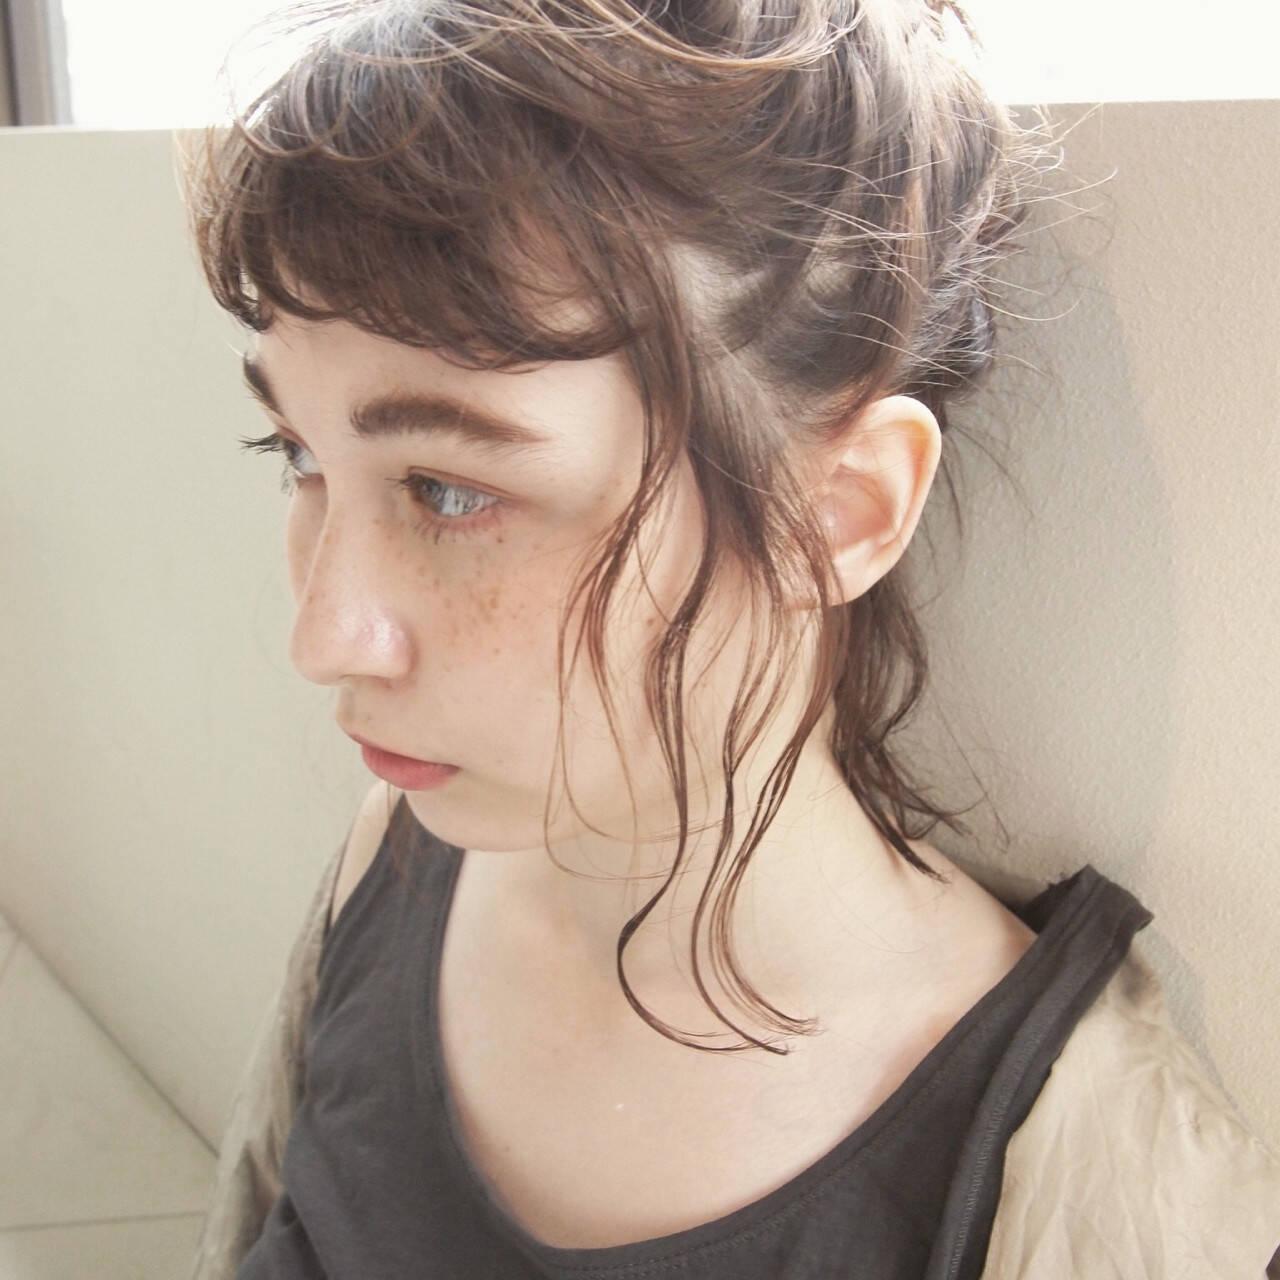 ショート 外国人風 パーマ 簡単ヘアアレンジヘアスタイルや髪型の写真・画像